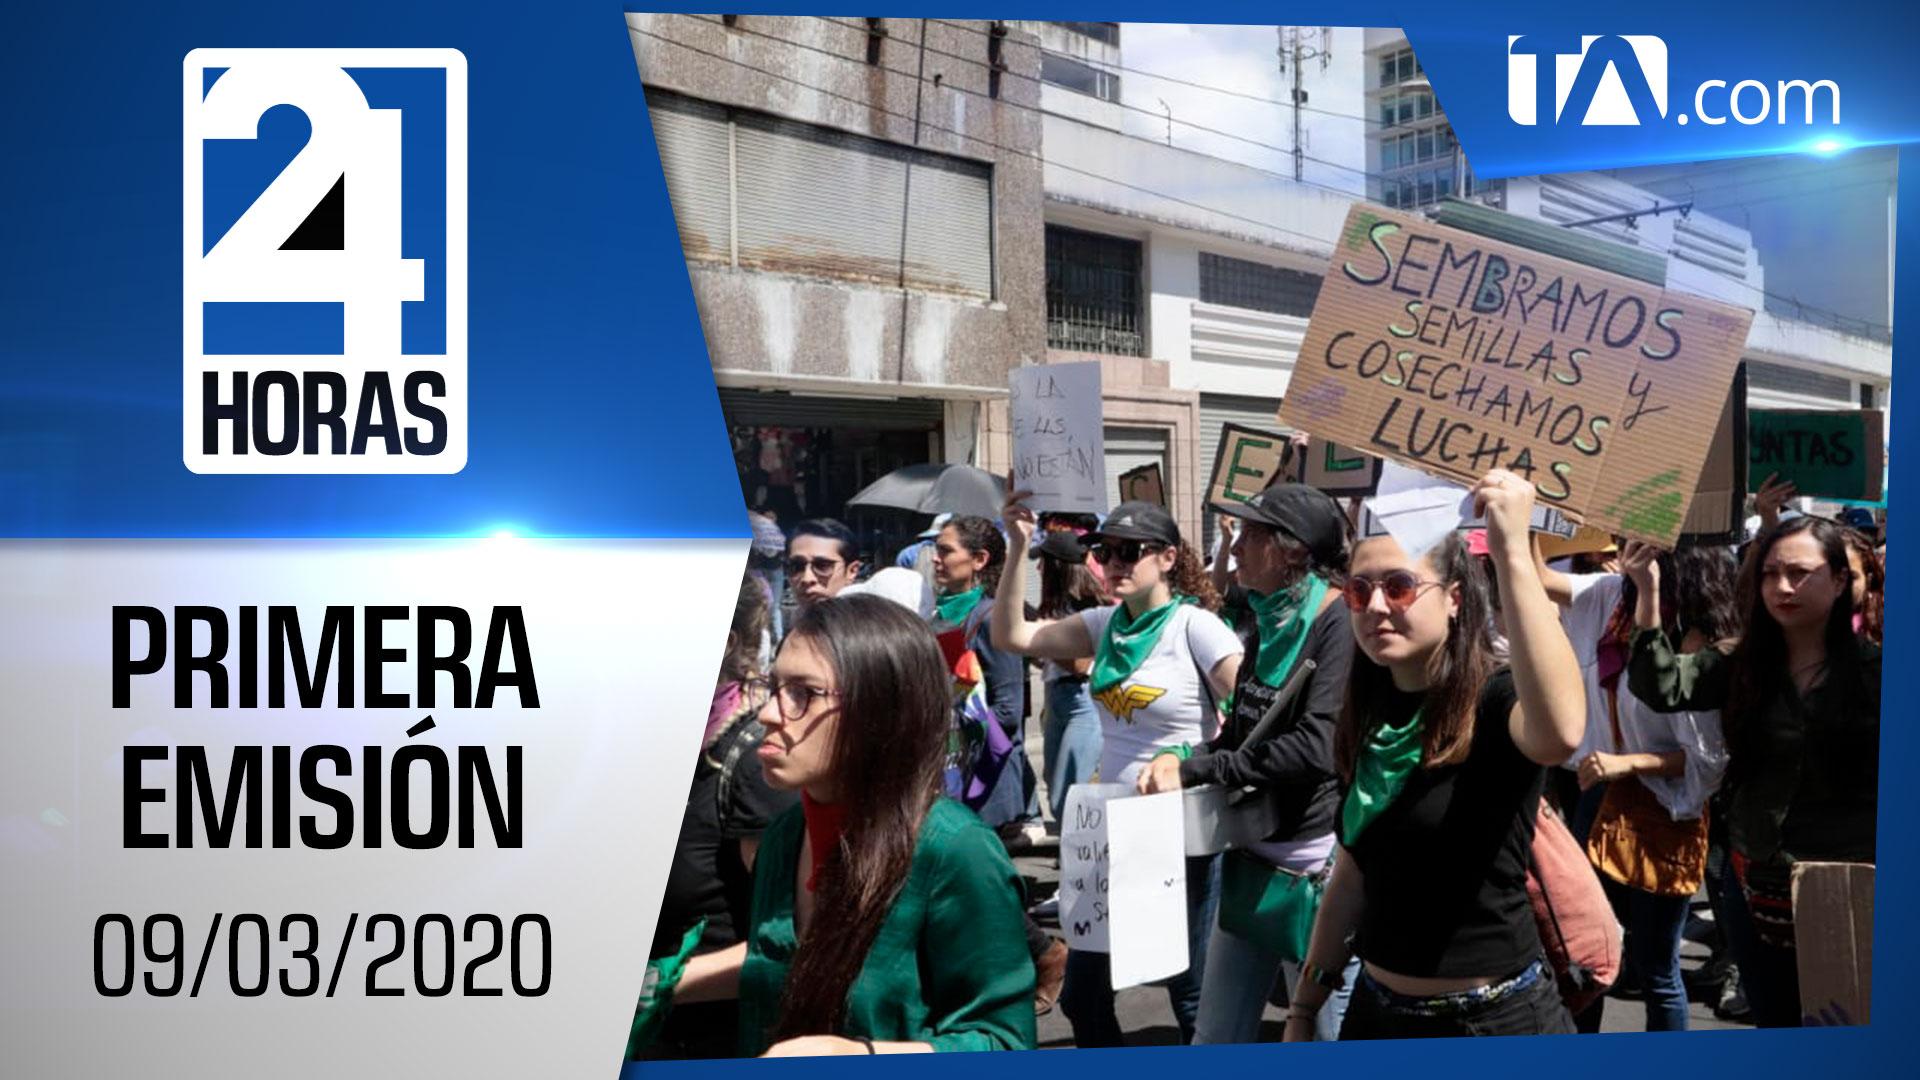 Noticias Ecuador: Noticiero 24 Horas 09/03/2020 (Primera Emisión)